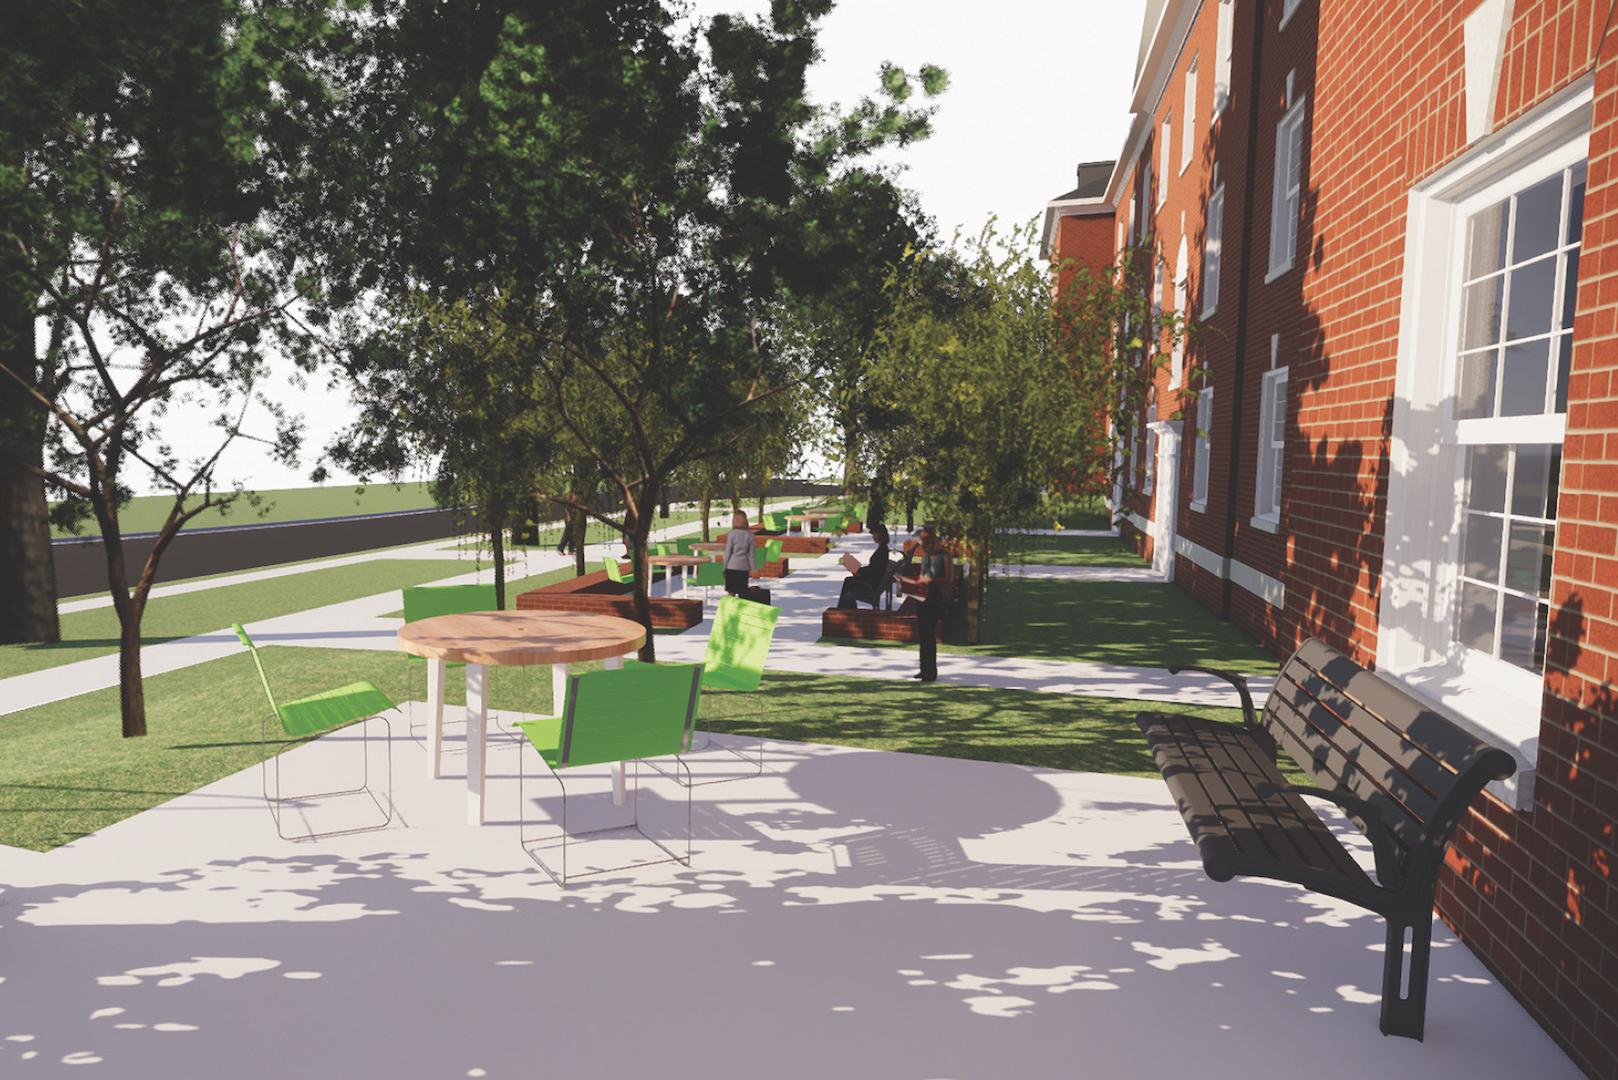 18 12 06 Simmons Concept Plans-exterior patio